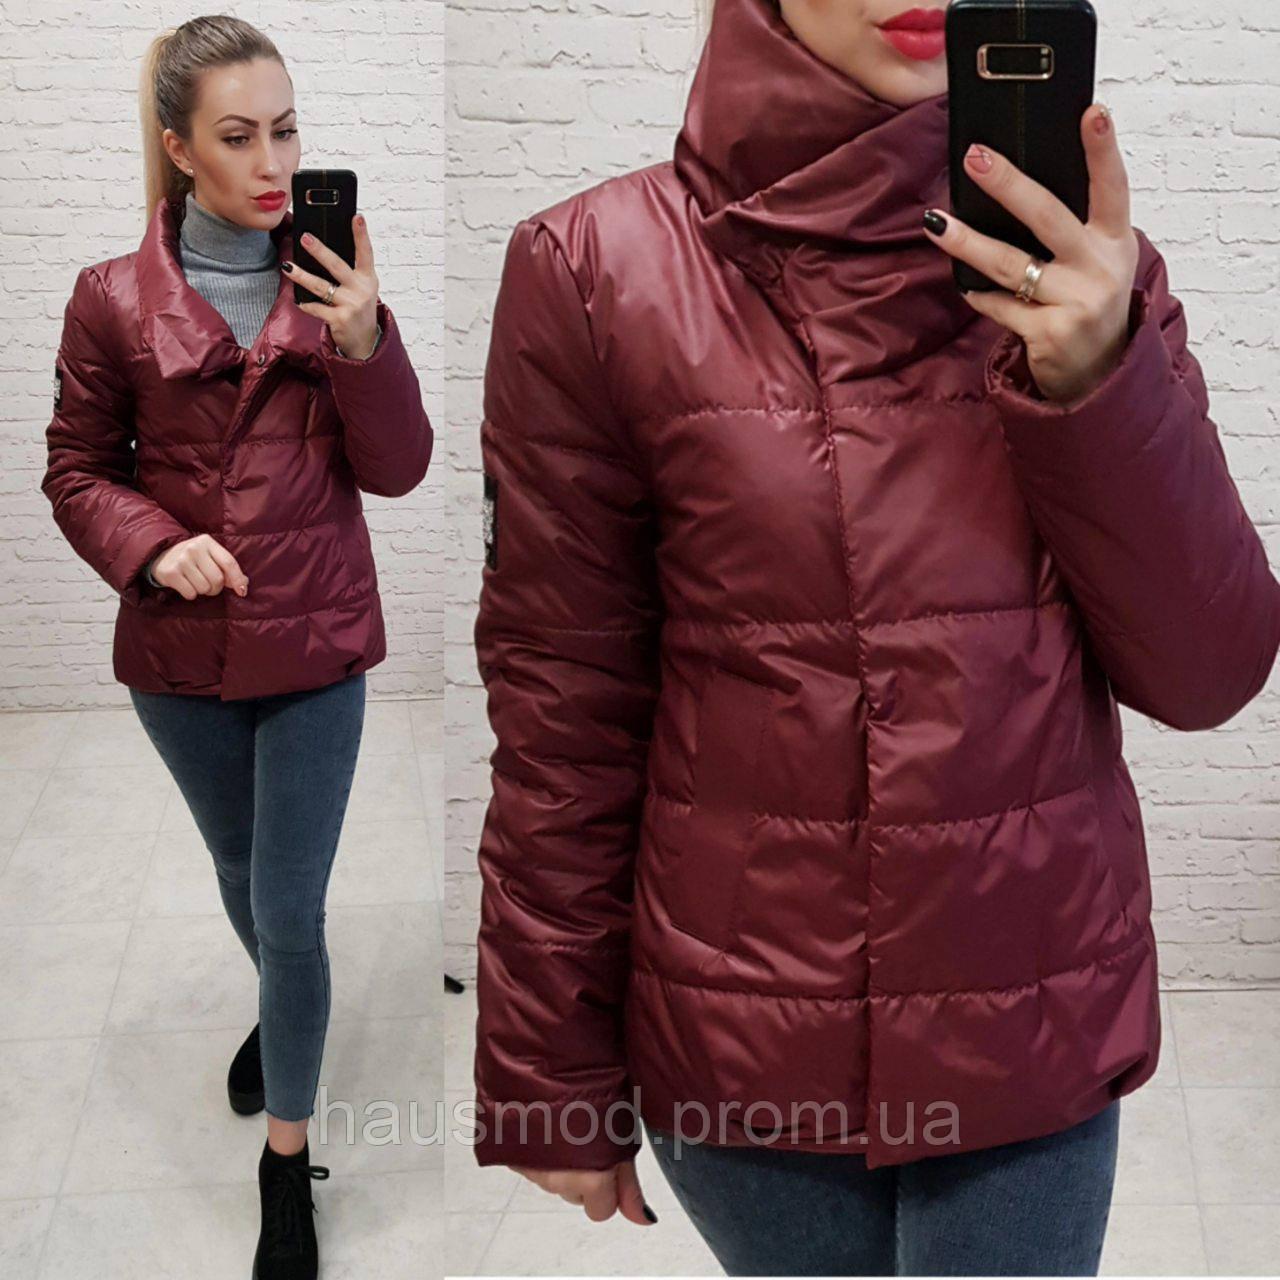 e330599bcdd Женская куртка на силиконе весна осень фабричный китай бордовая -